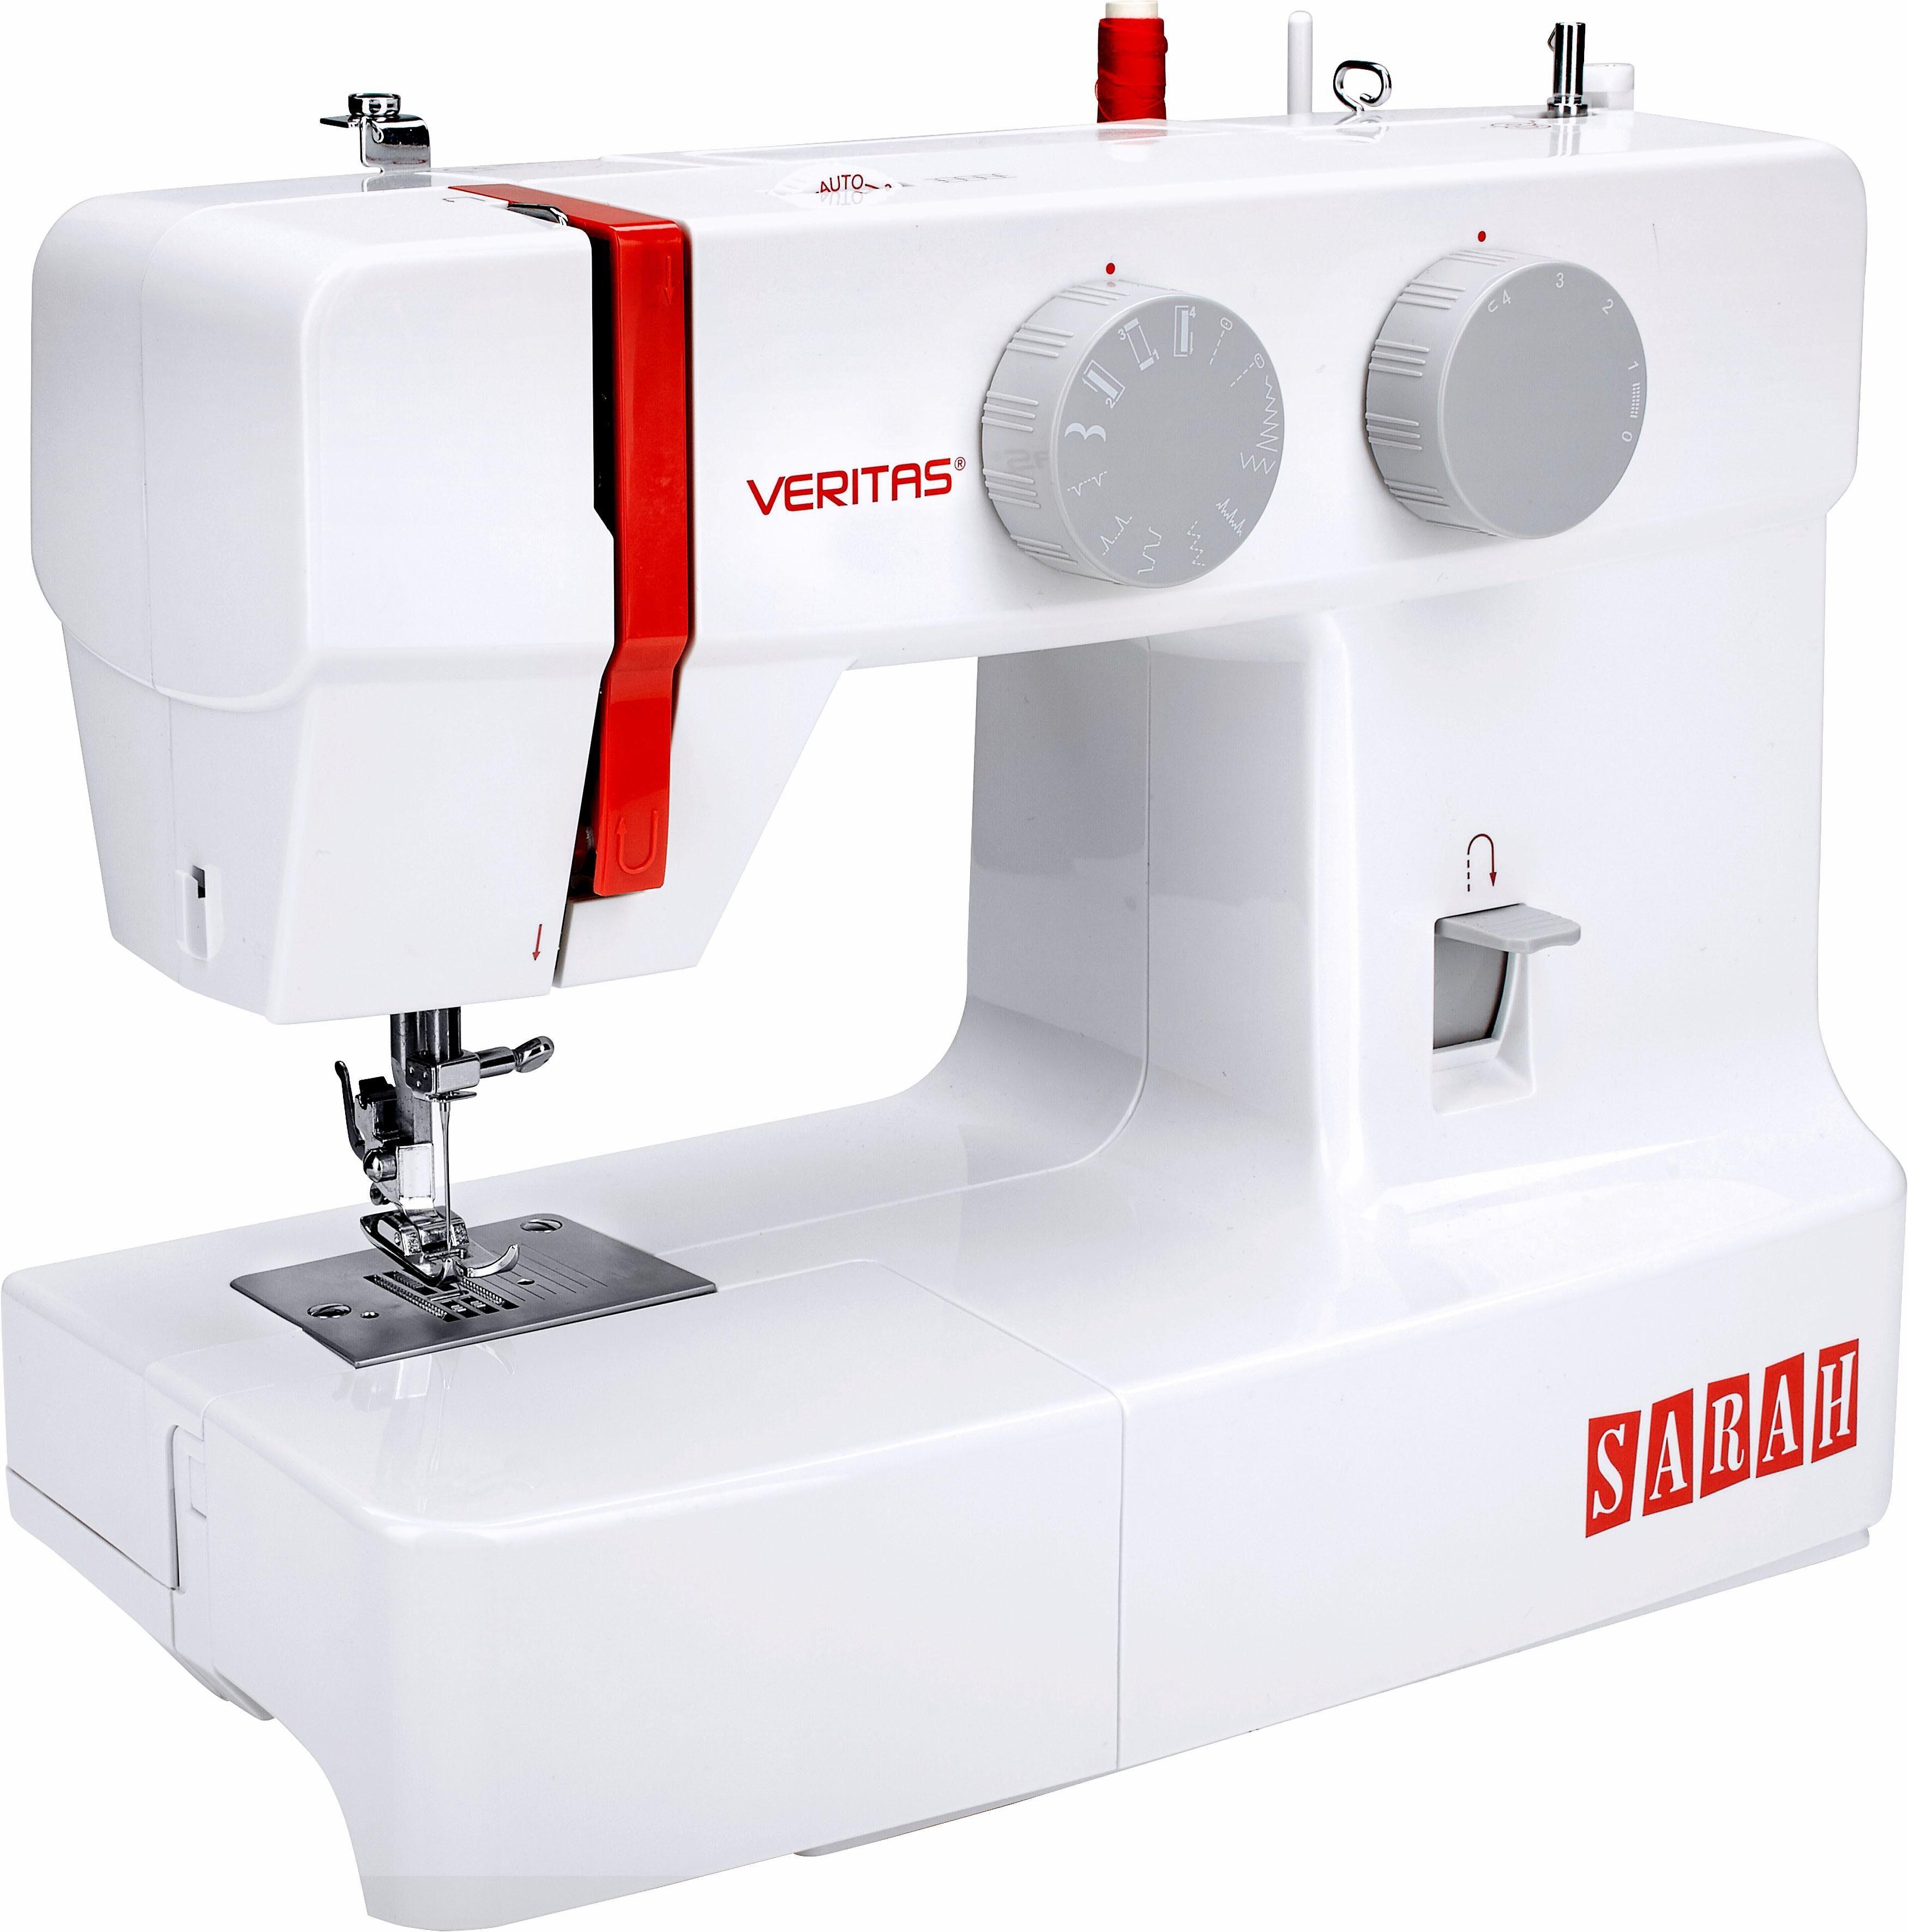 Veritas Nähmaschine Sarah, 13 Nähprogramme, 4-Stufen-Knopflochautomatik